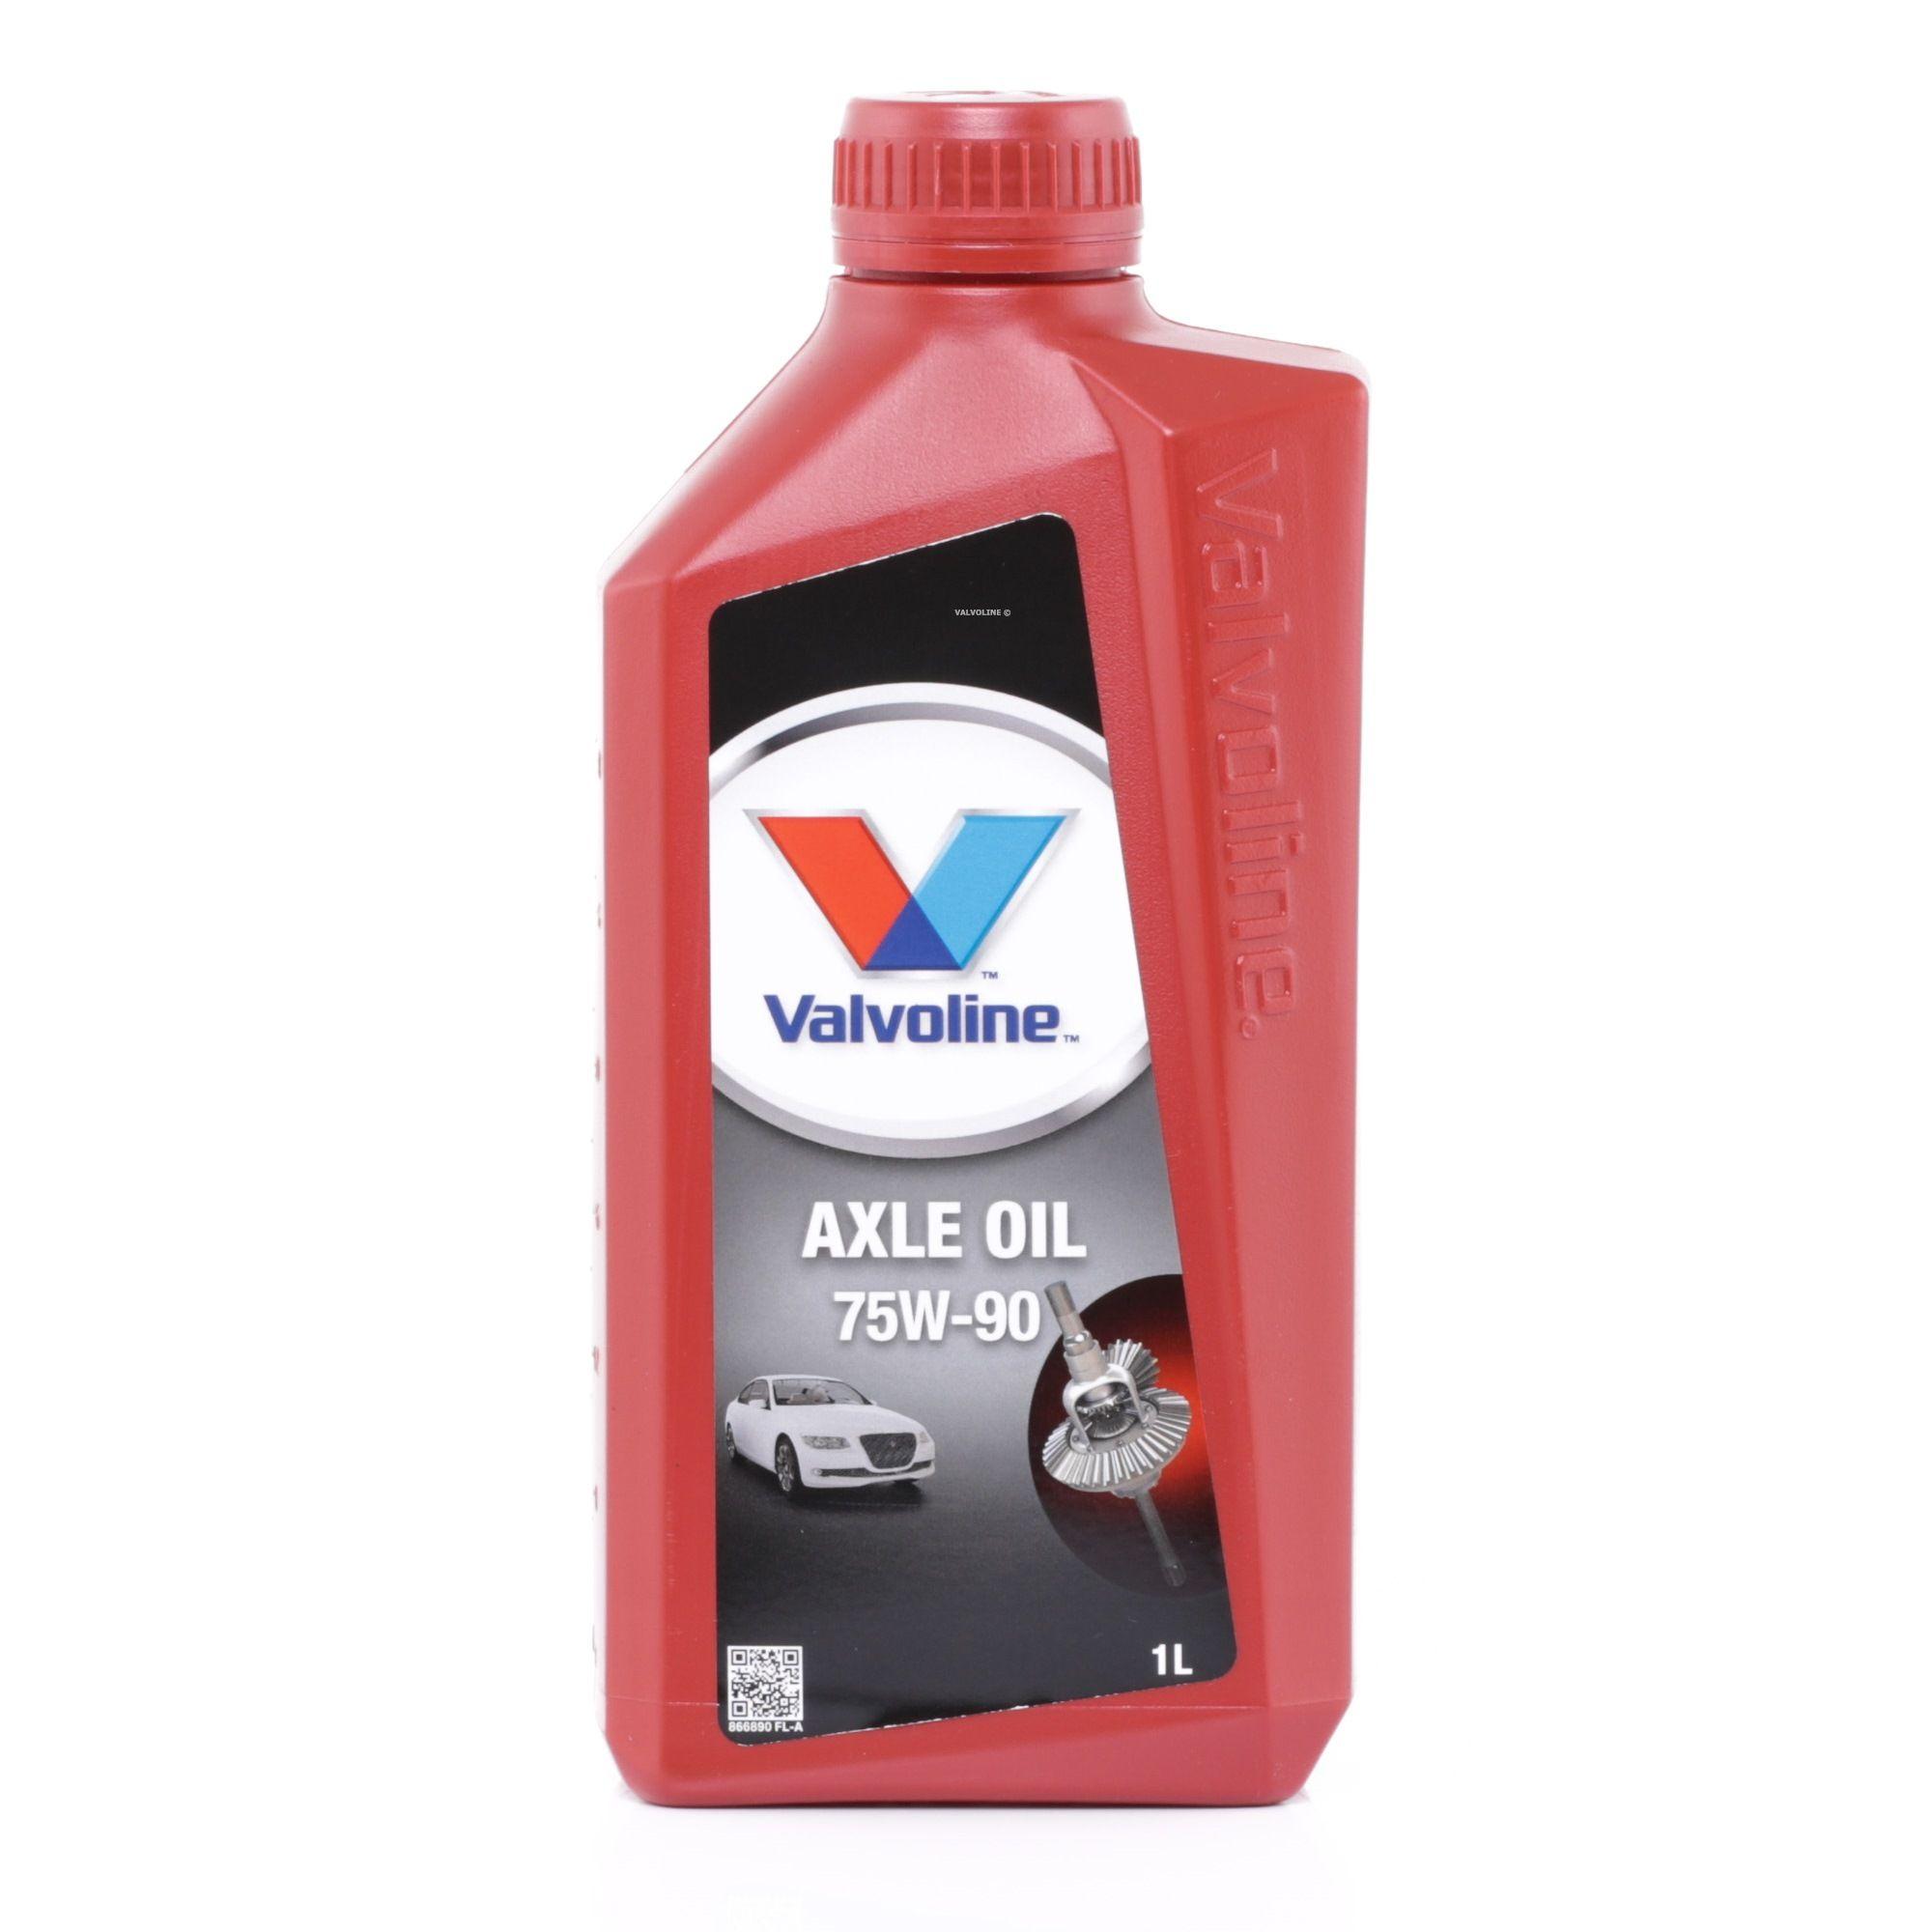 Купете 866890 Valvoline Axle Oil 75W-90, съдържание: 1литър API GL-5 Трансмисионно масло 866890 евтино